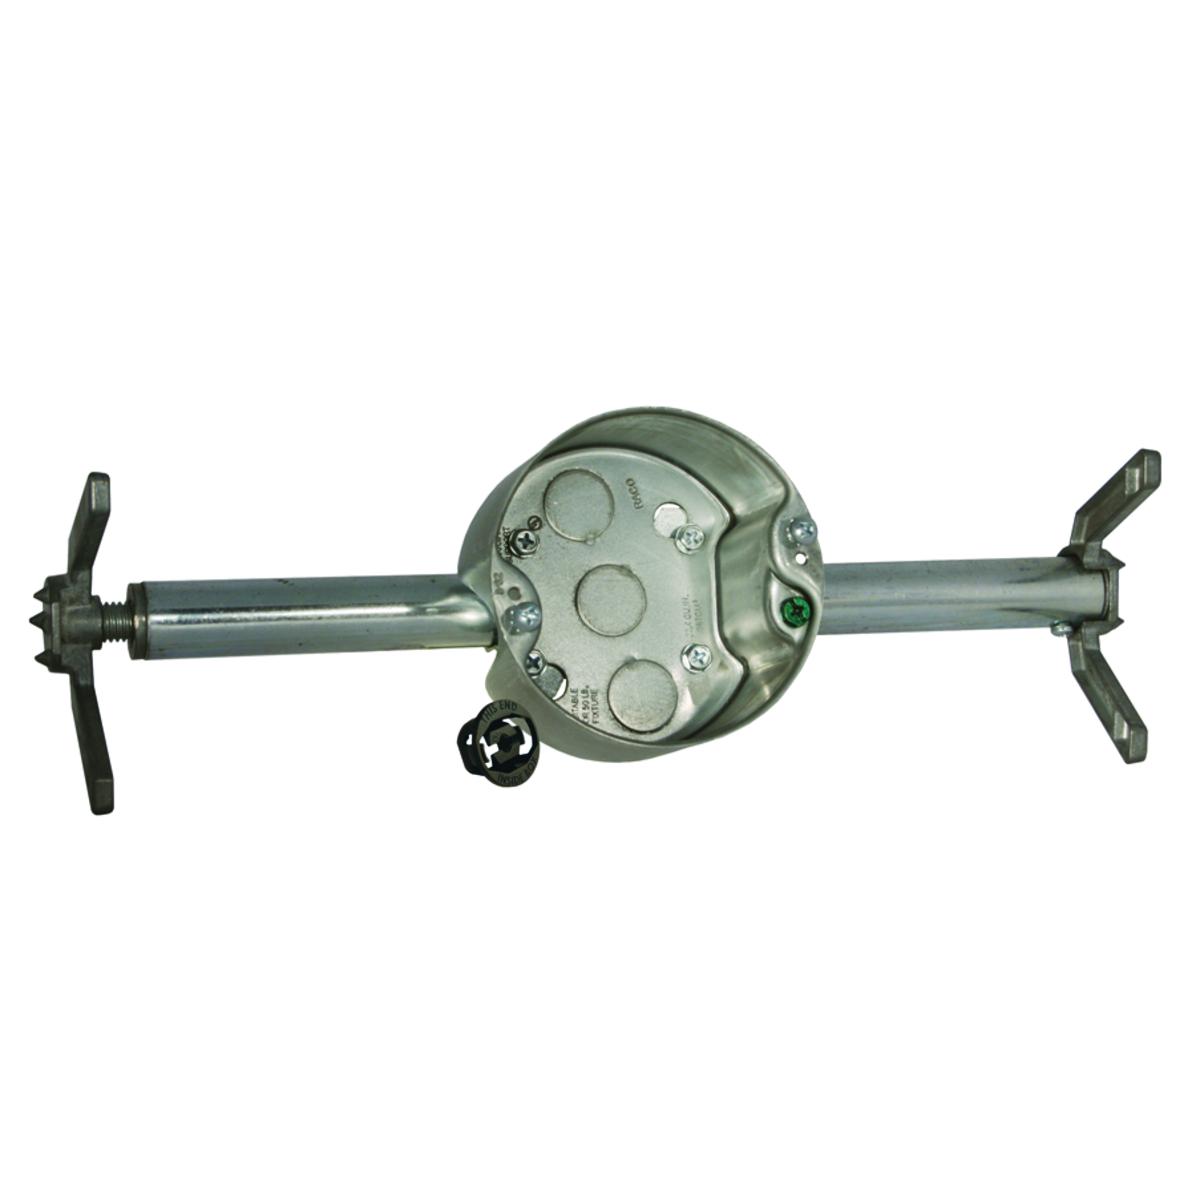 Hubbell-Raco 937 RETRO-BRACE Ceiling Fan Box